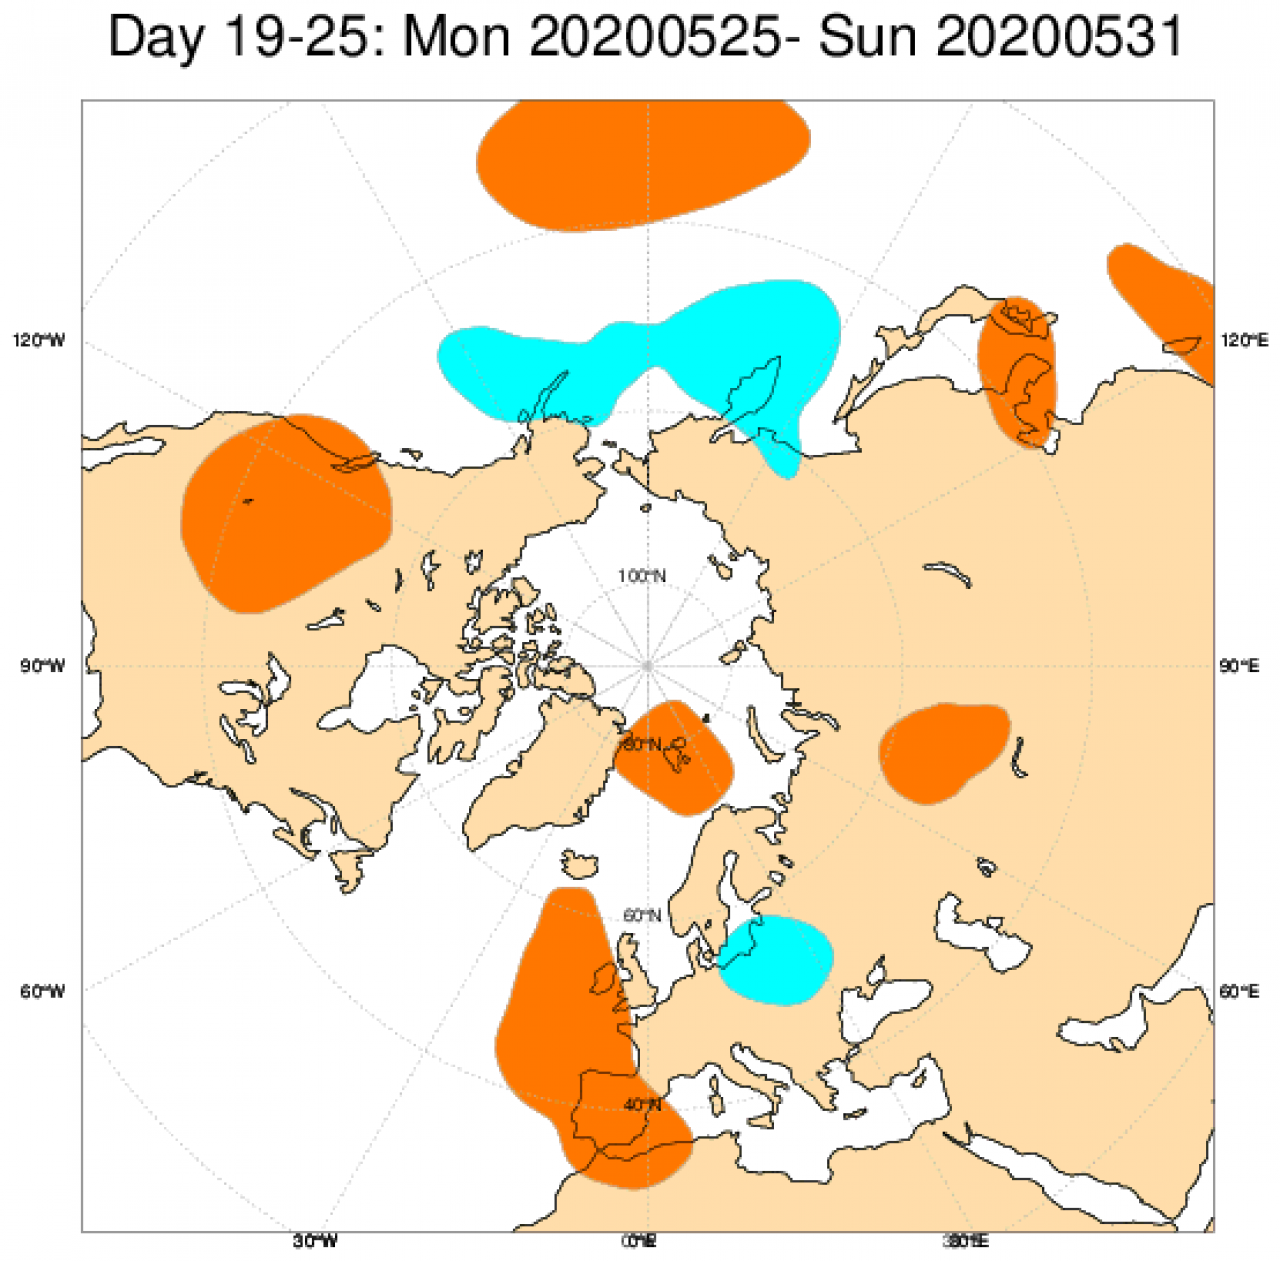 Anomalie di geopotenziale a 500hPa attese in Europa tra il 25 e il 31 maggio secondo il modello ECMWF